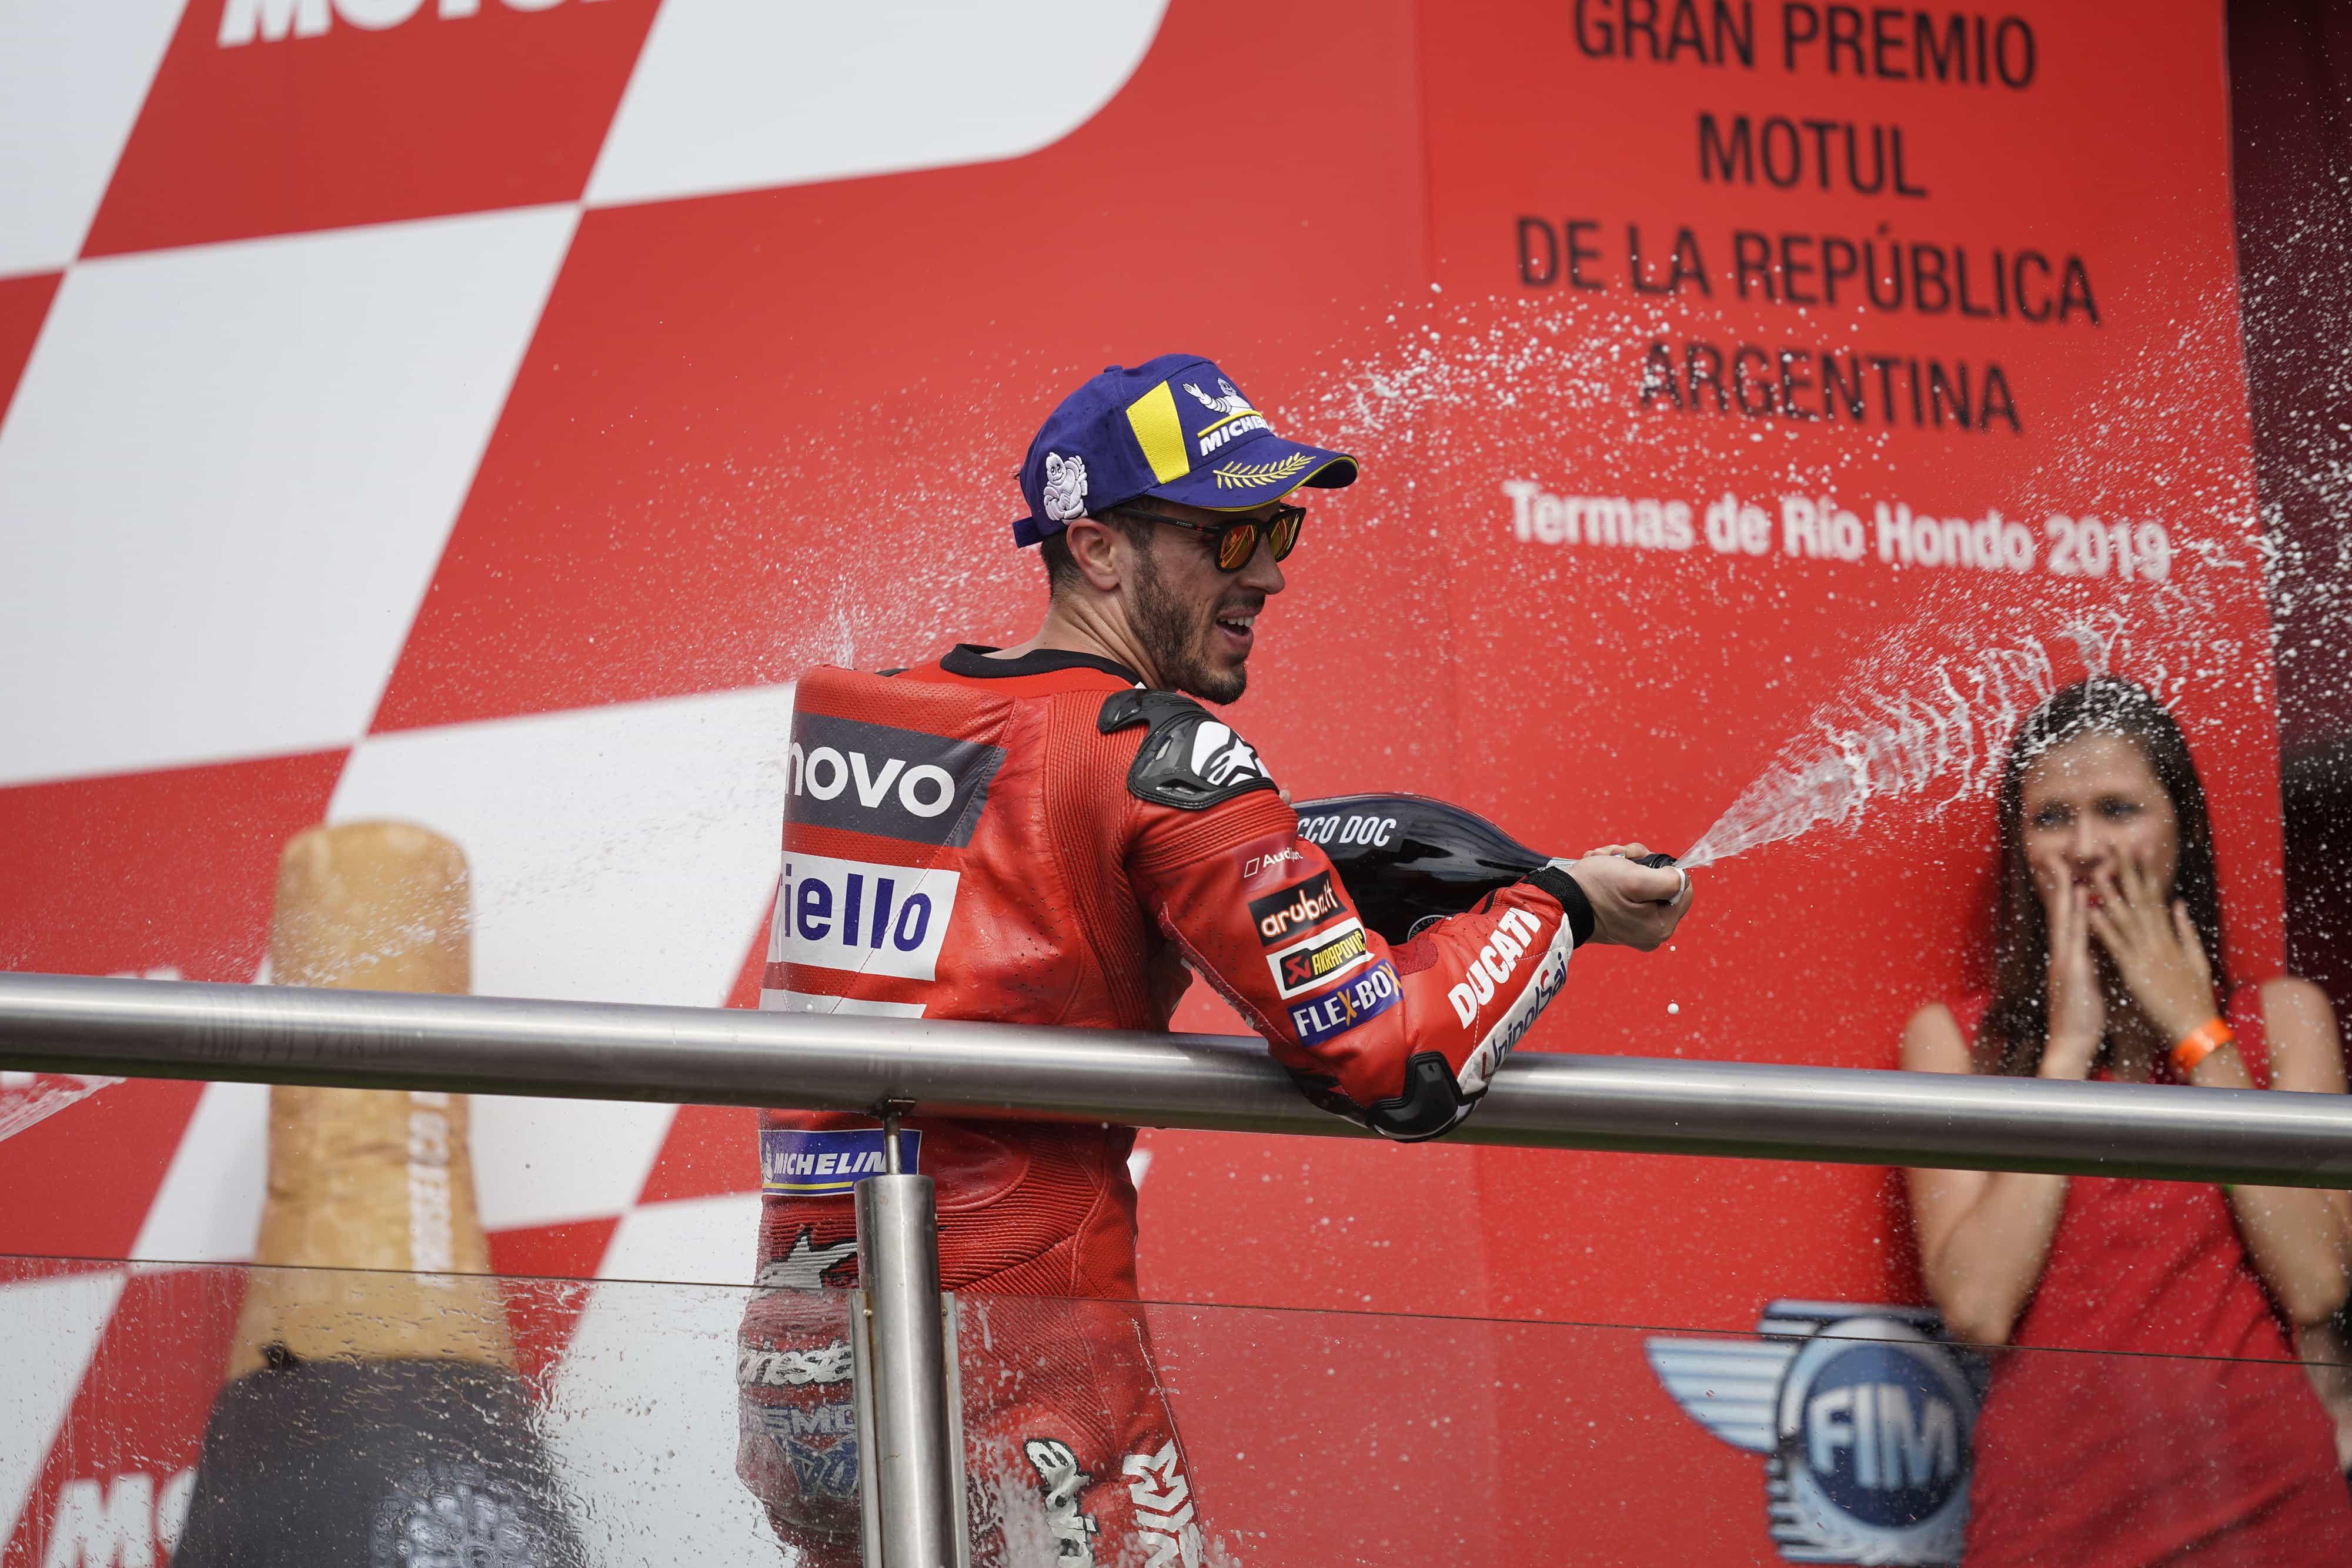 MotoGP第2戦のアルゼンチンGPで、Mission Winnow Ducatiチームのドヴィツィオーゾが3位表彰台を獲得、ペトルッチは6位